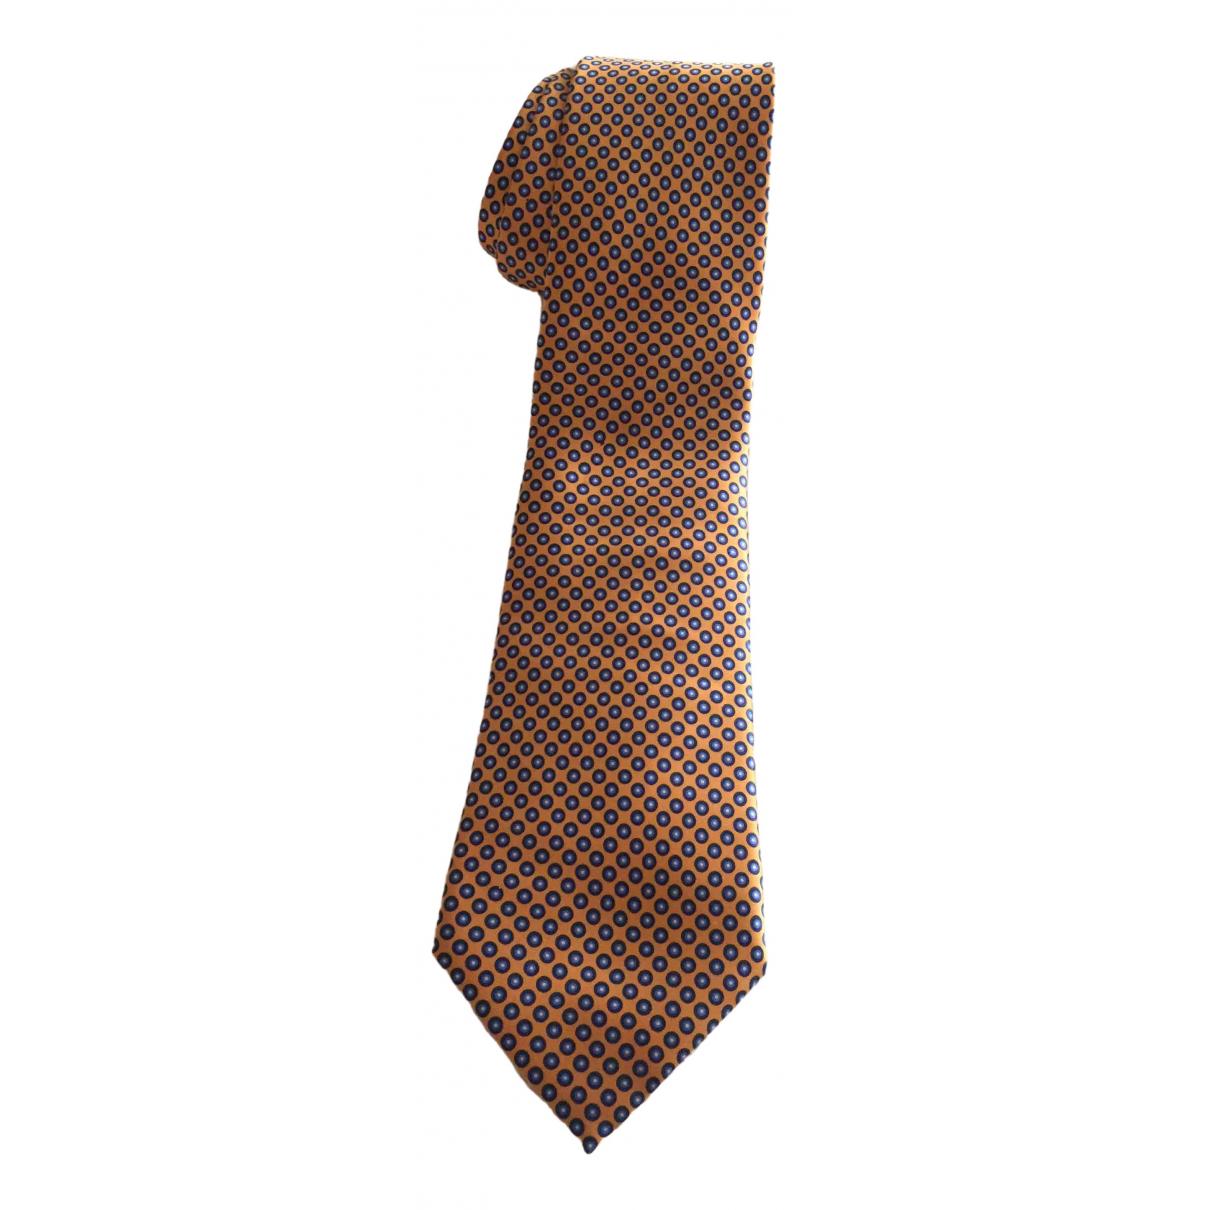 Brioni - Cravates   pour homme en soie - orange